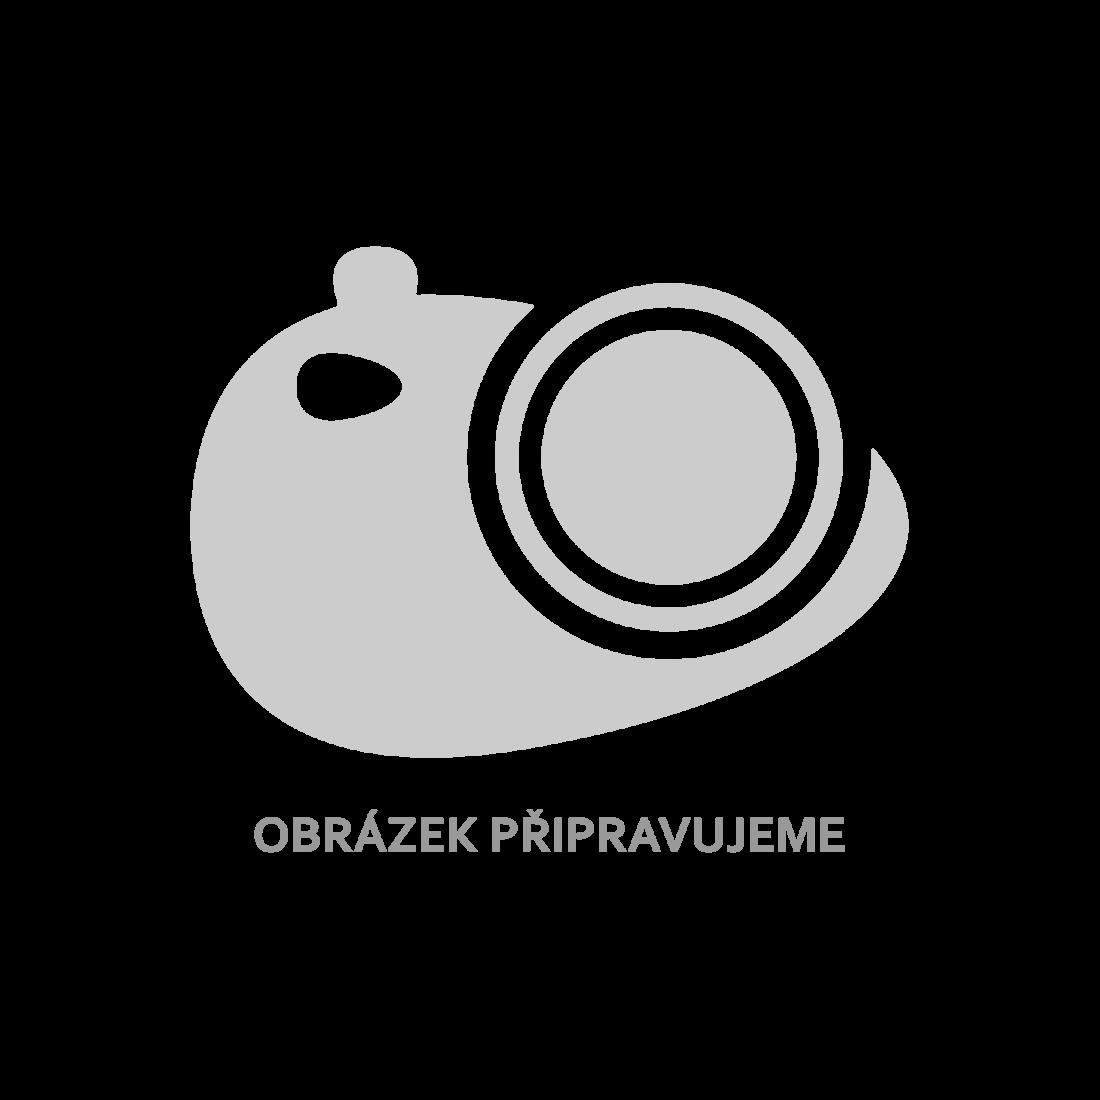 vidaXL Zahradní jídelní stůl černý 200 x 100 x 74 cm sklo a polyratan [310145]